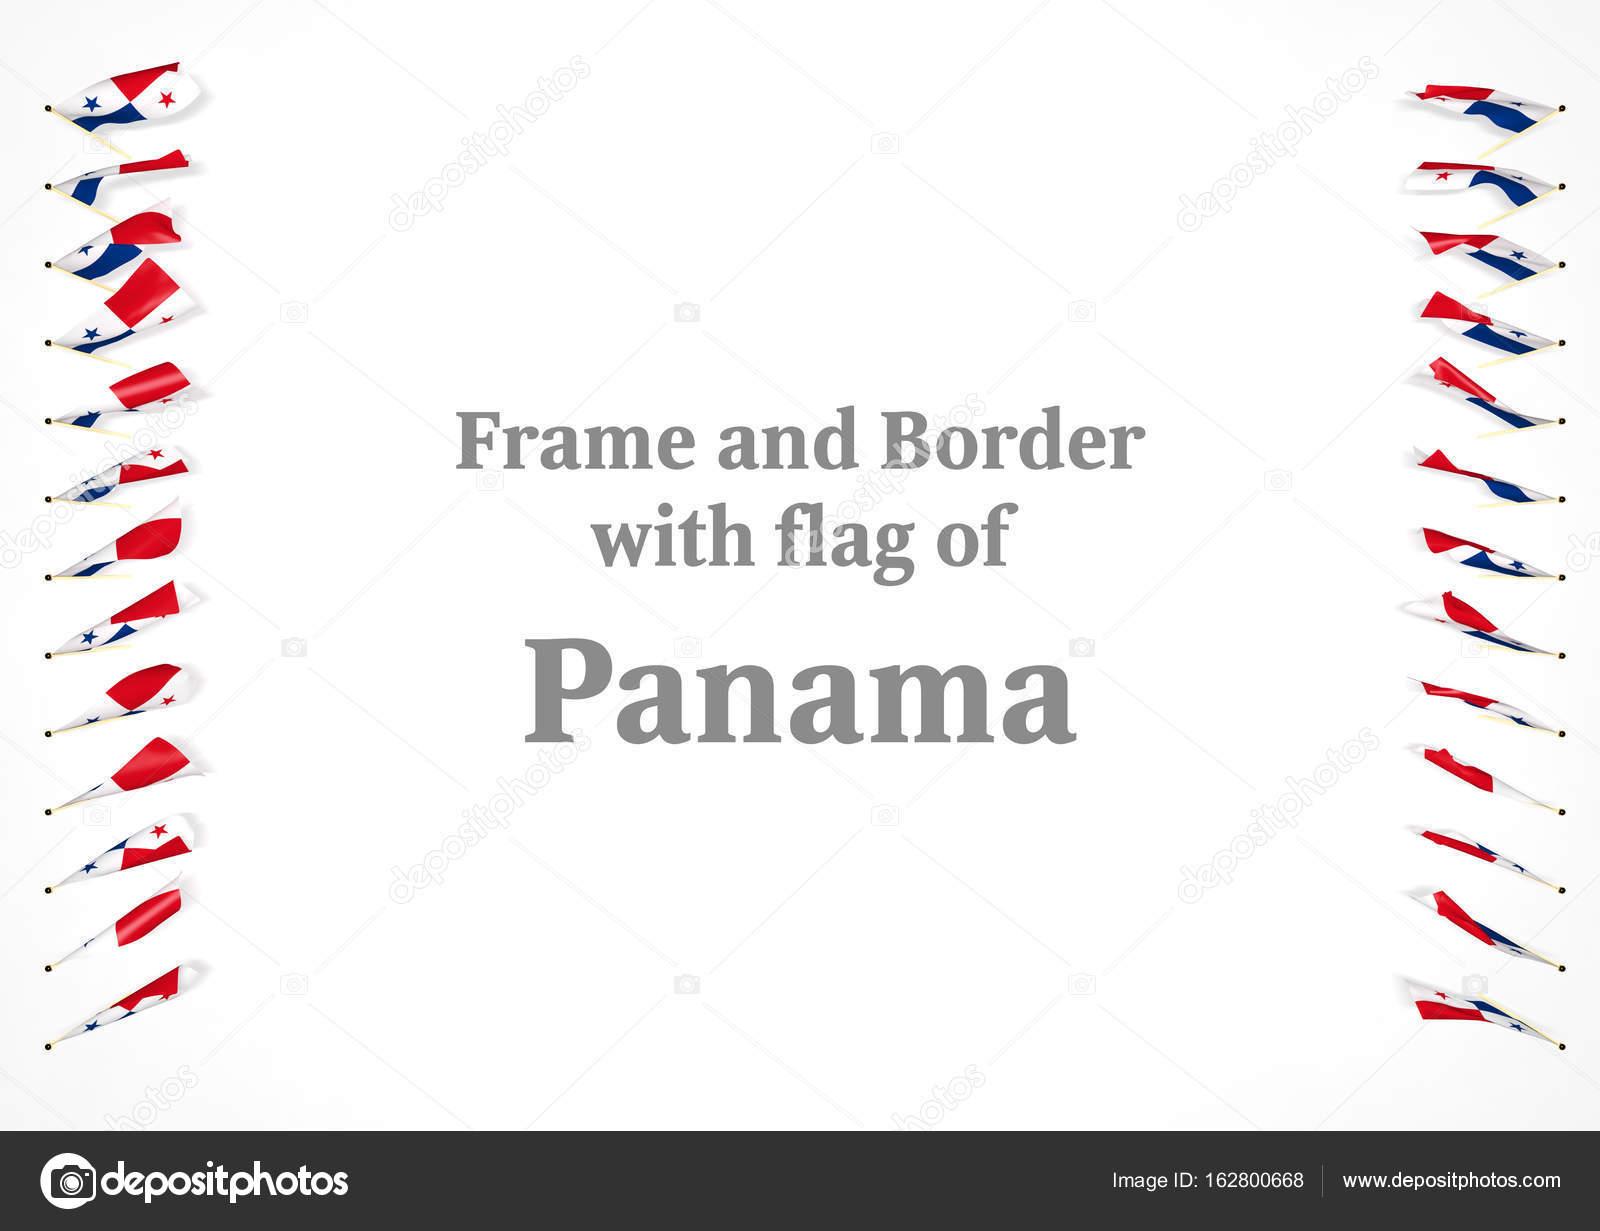 Marco y frontera con bandera de Panamá. Ilustración 3D — Fotos de ...